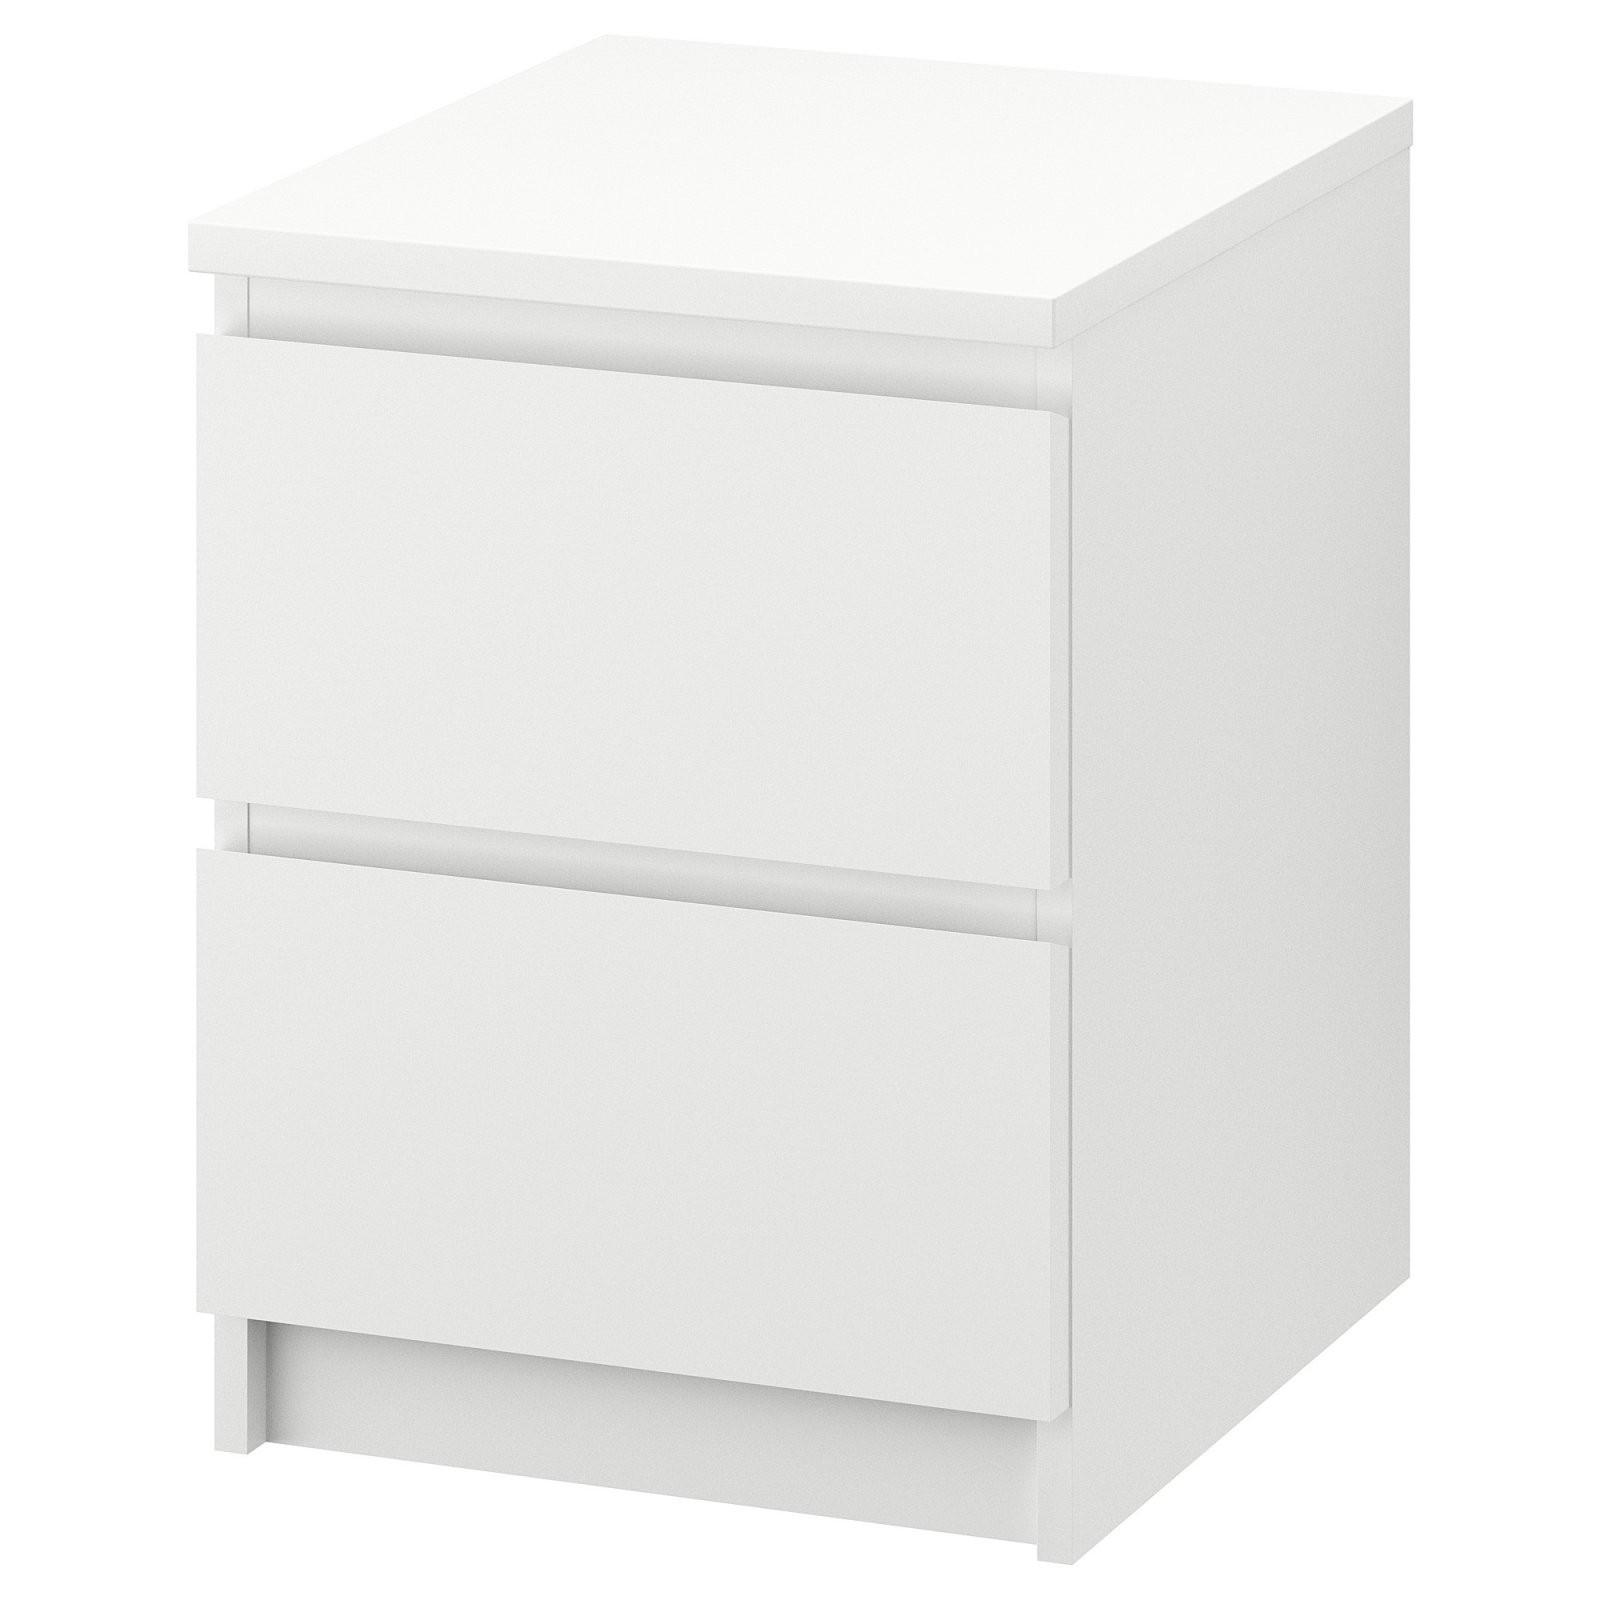 Malm Kommode Mit 2 Schubladen  Weiß  Ikea von Nachttisch Weiß Hochglanz Ikea Bild